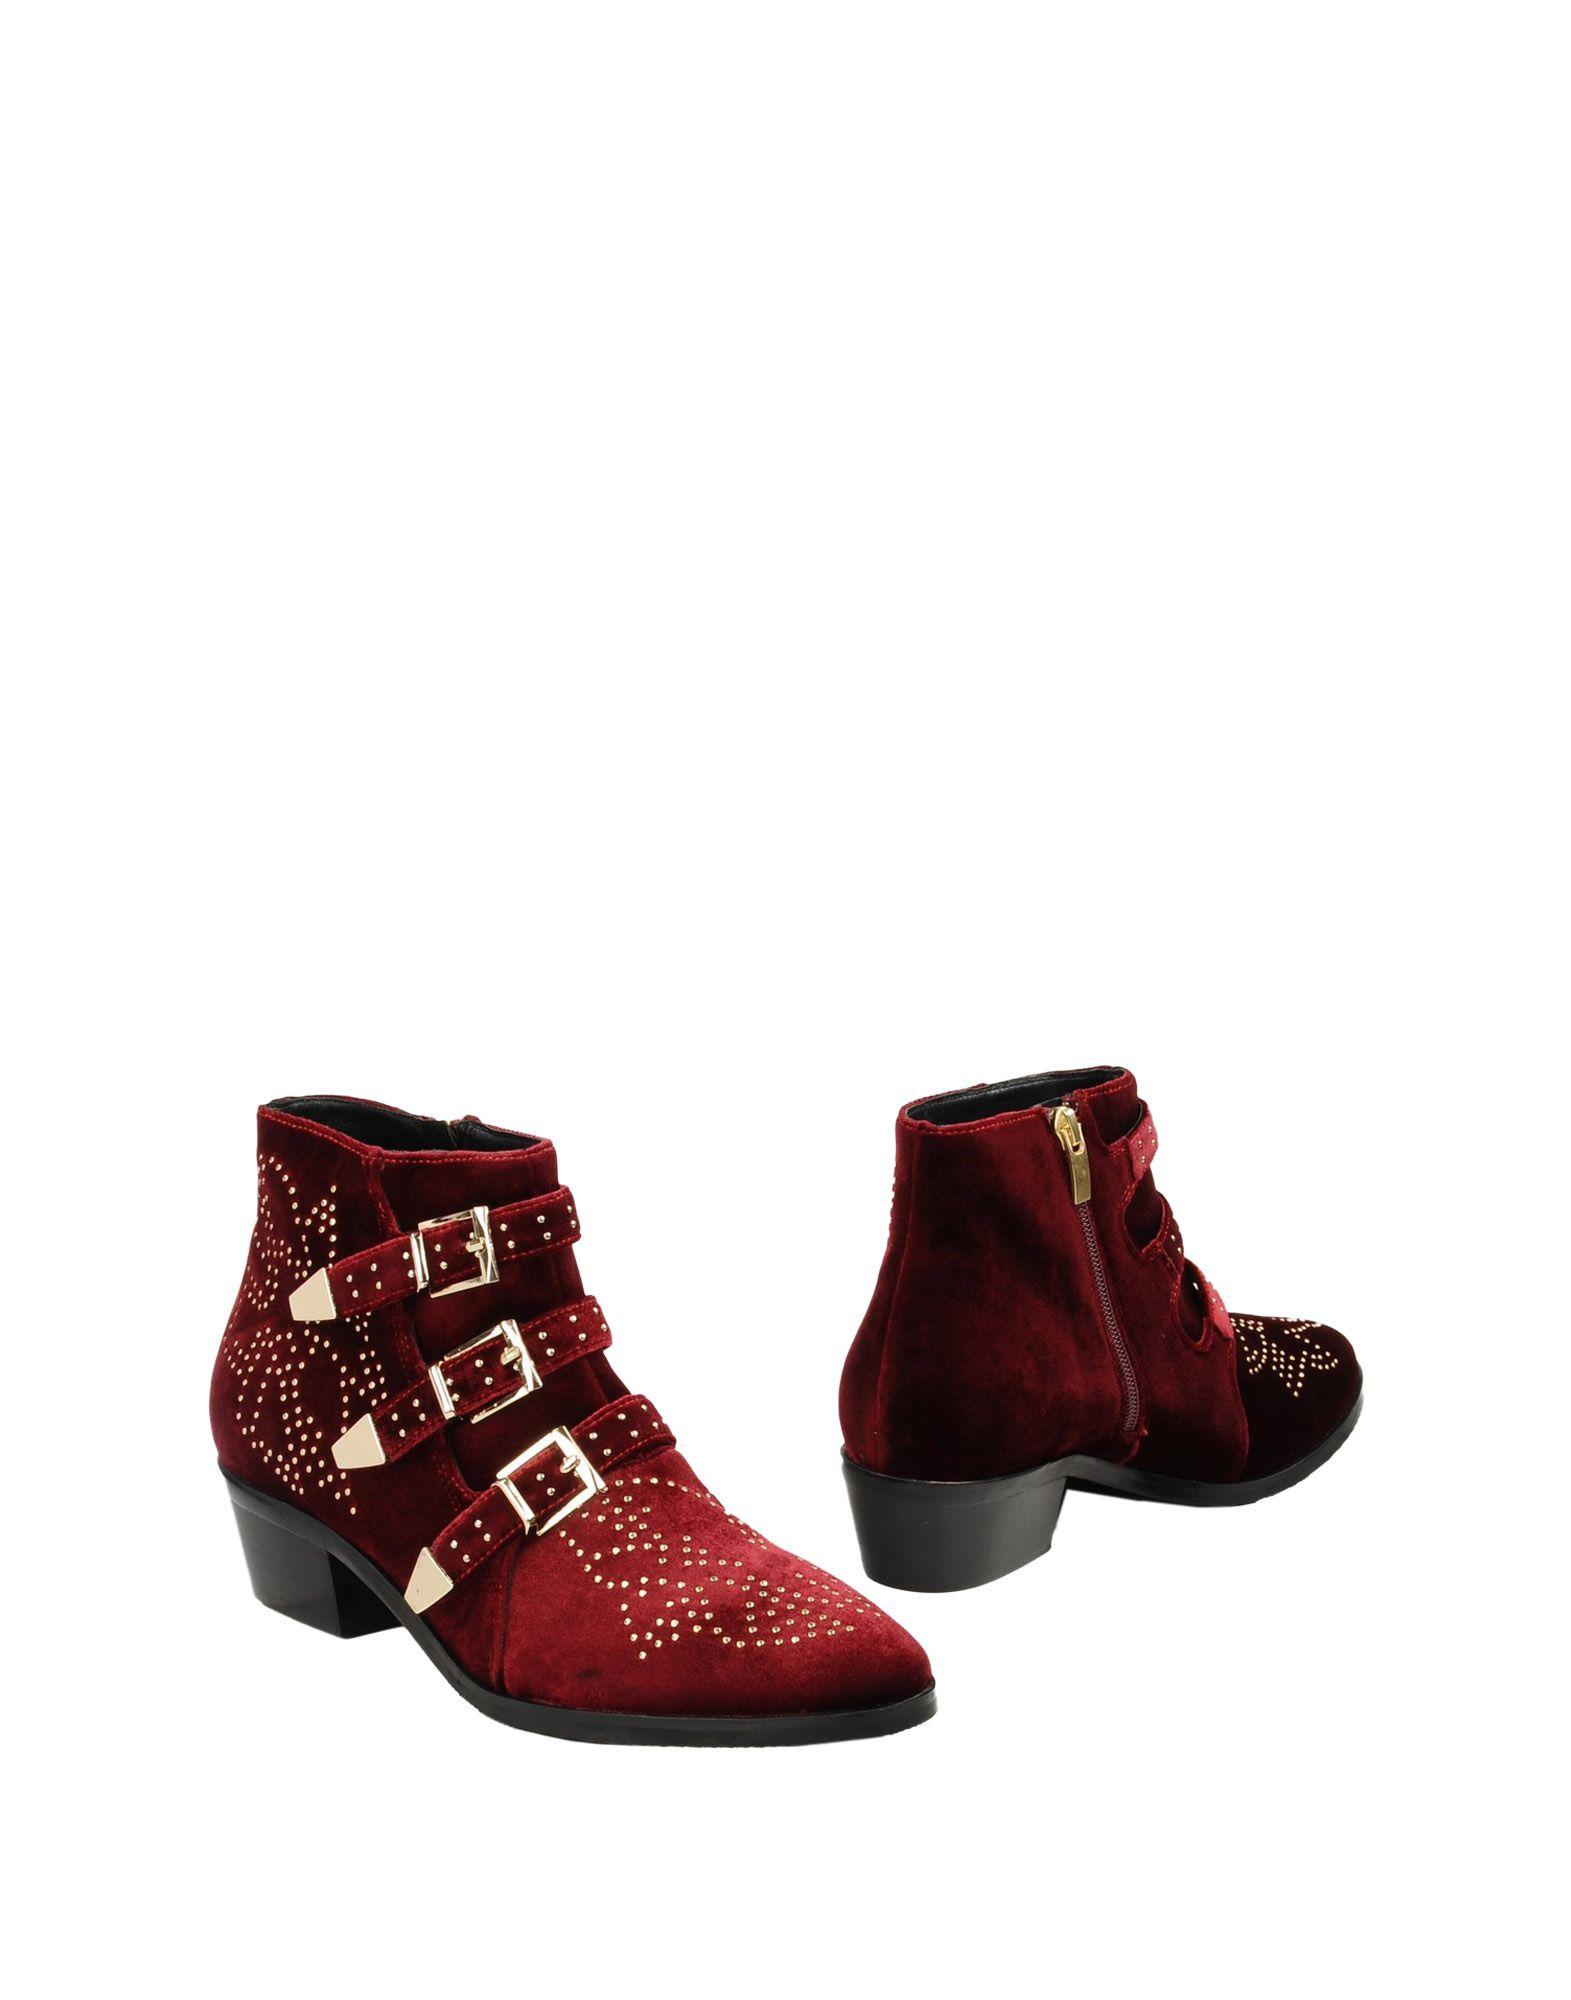 Bruno Premi Stiefelette Damen  11355659WB Gute Qualität beliebte Schuhe